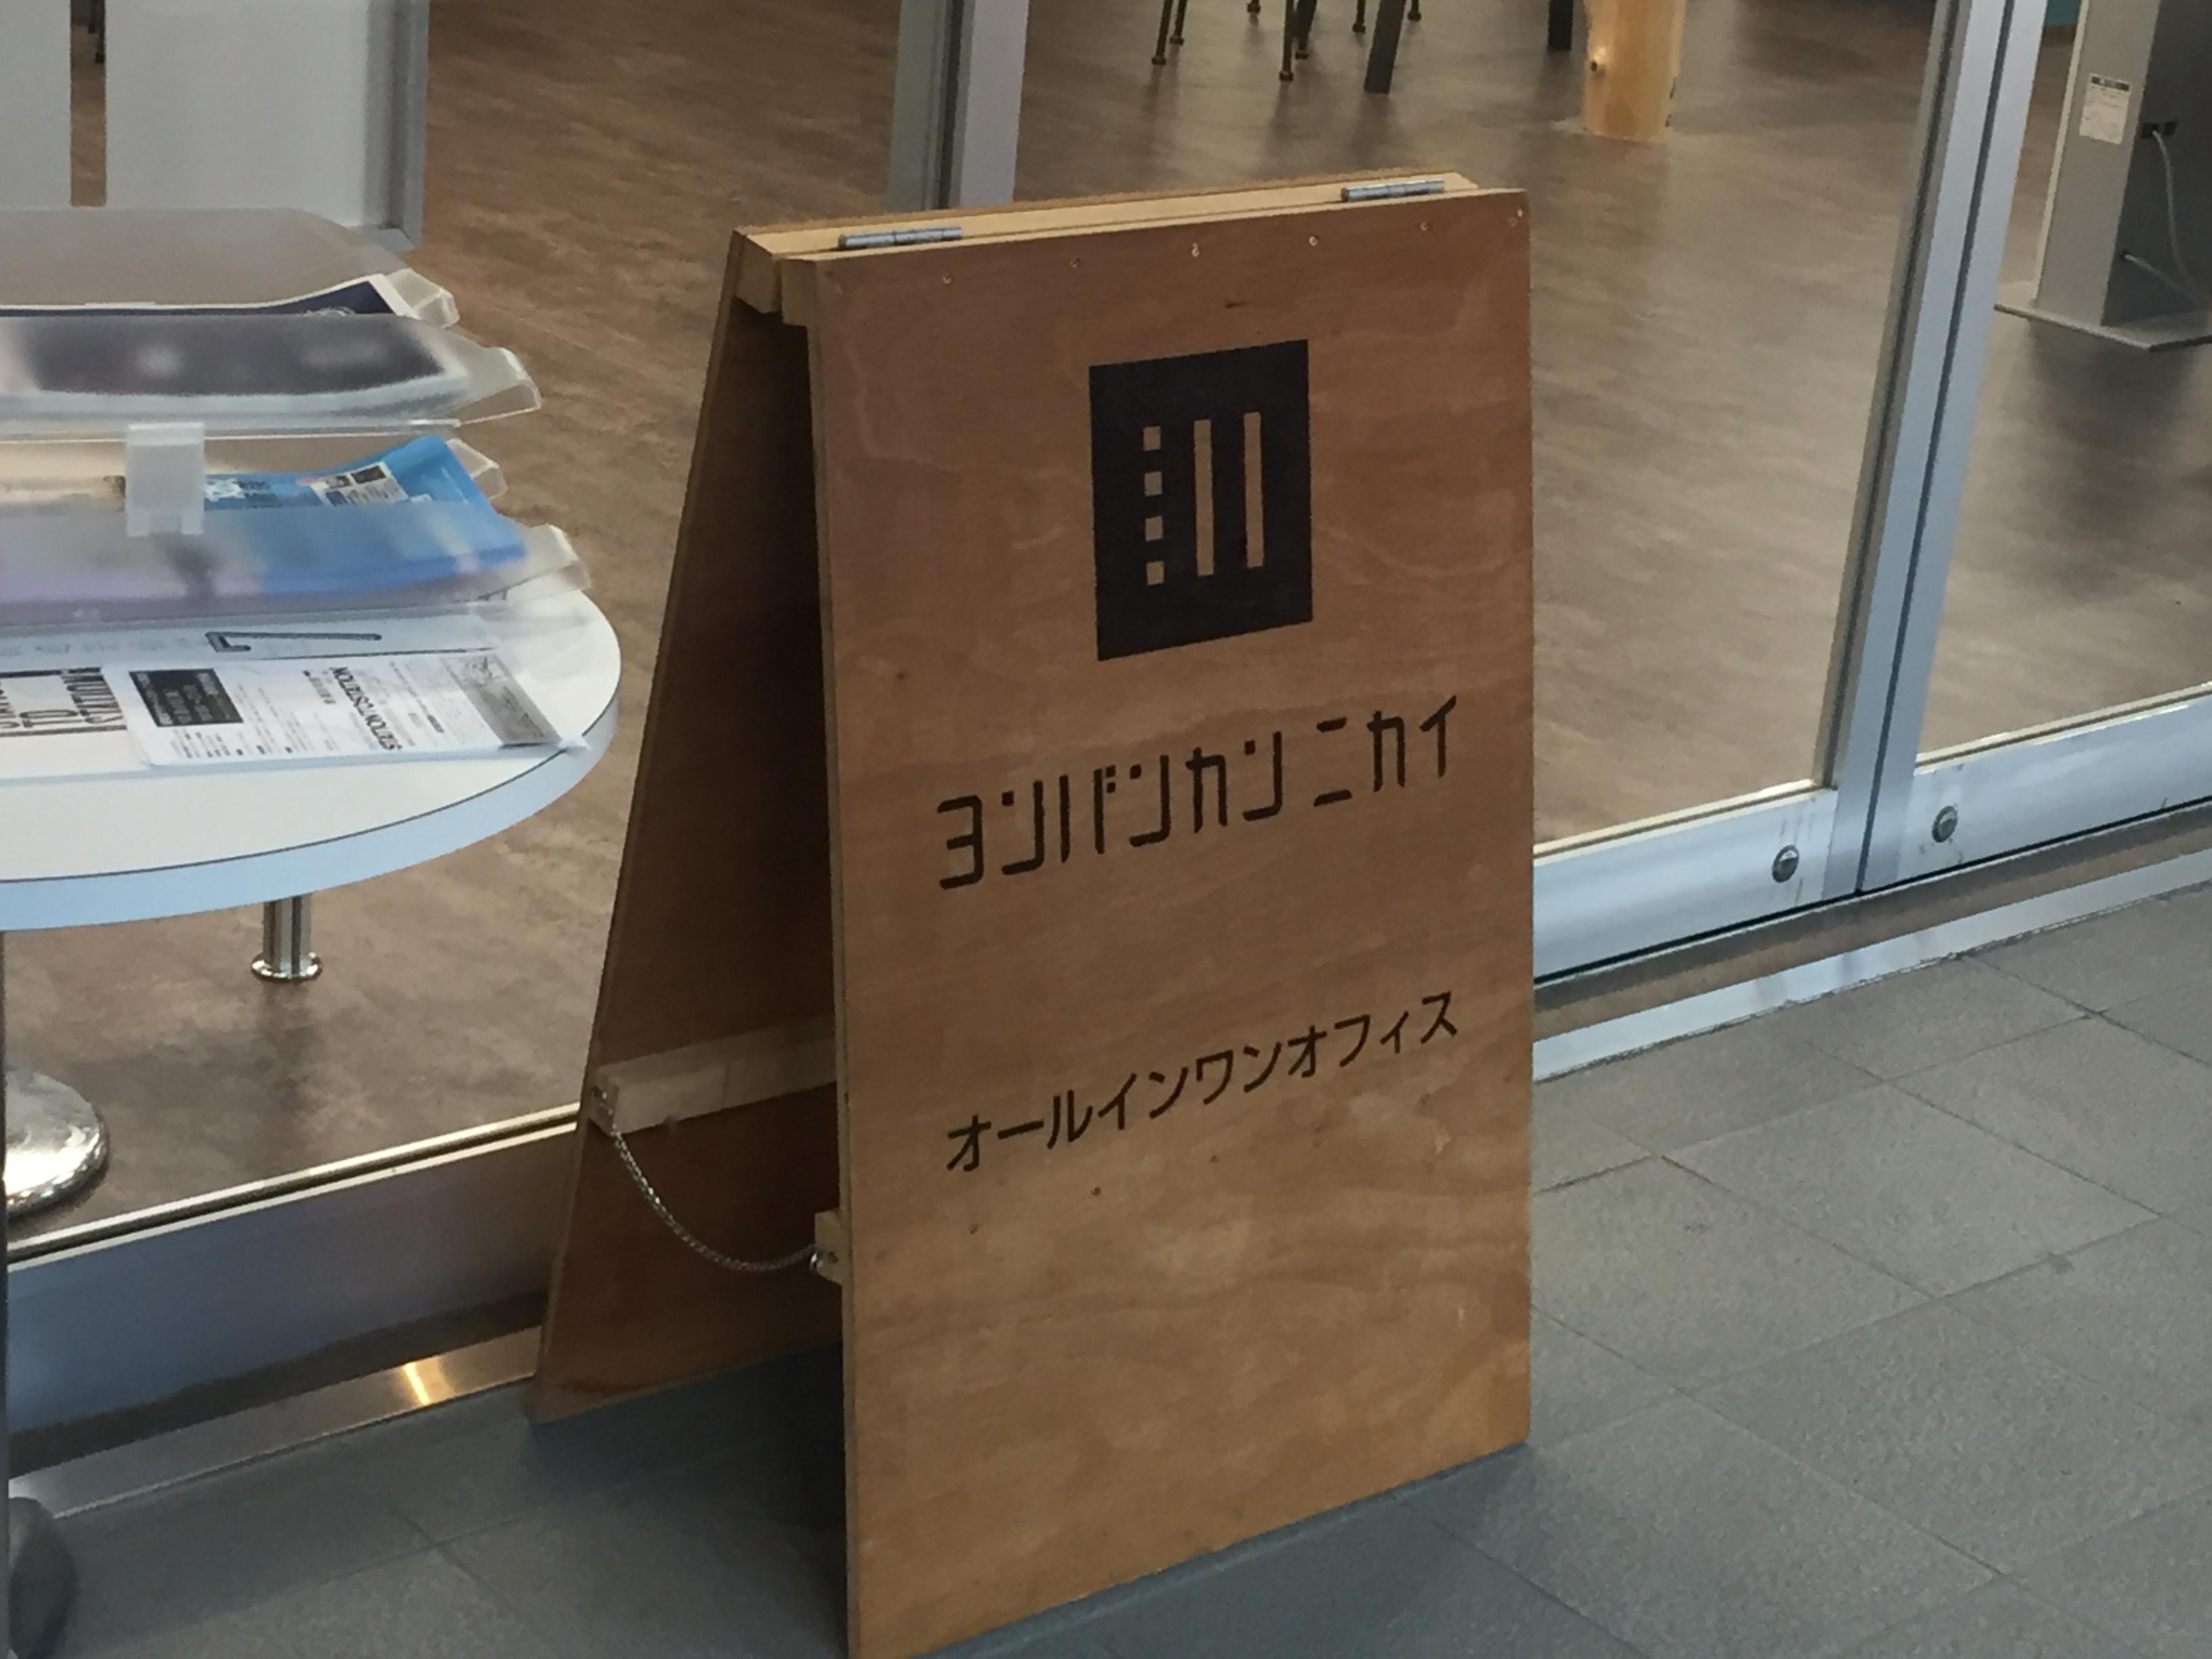 神戸・新長田にコワーキングスペース「ヨンバンカンニカイ」が9/1オープン!快適な時間を過ごしてみた! #新長田 #アスタくにづか